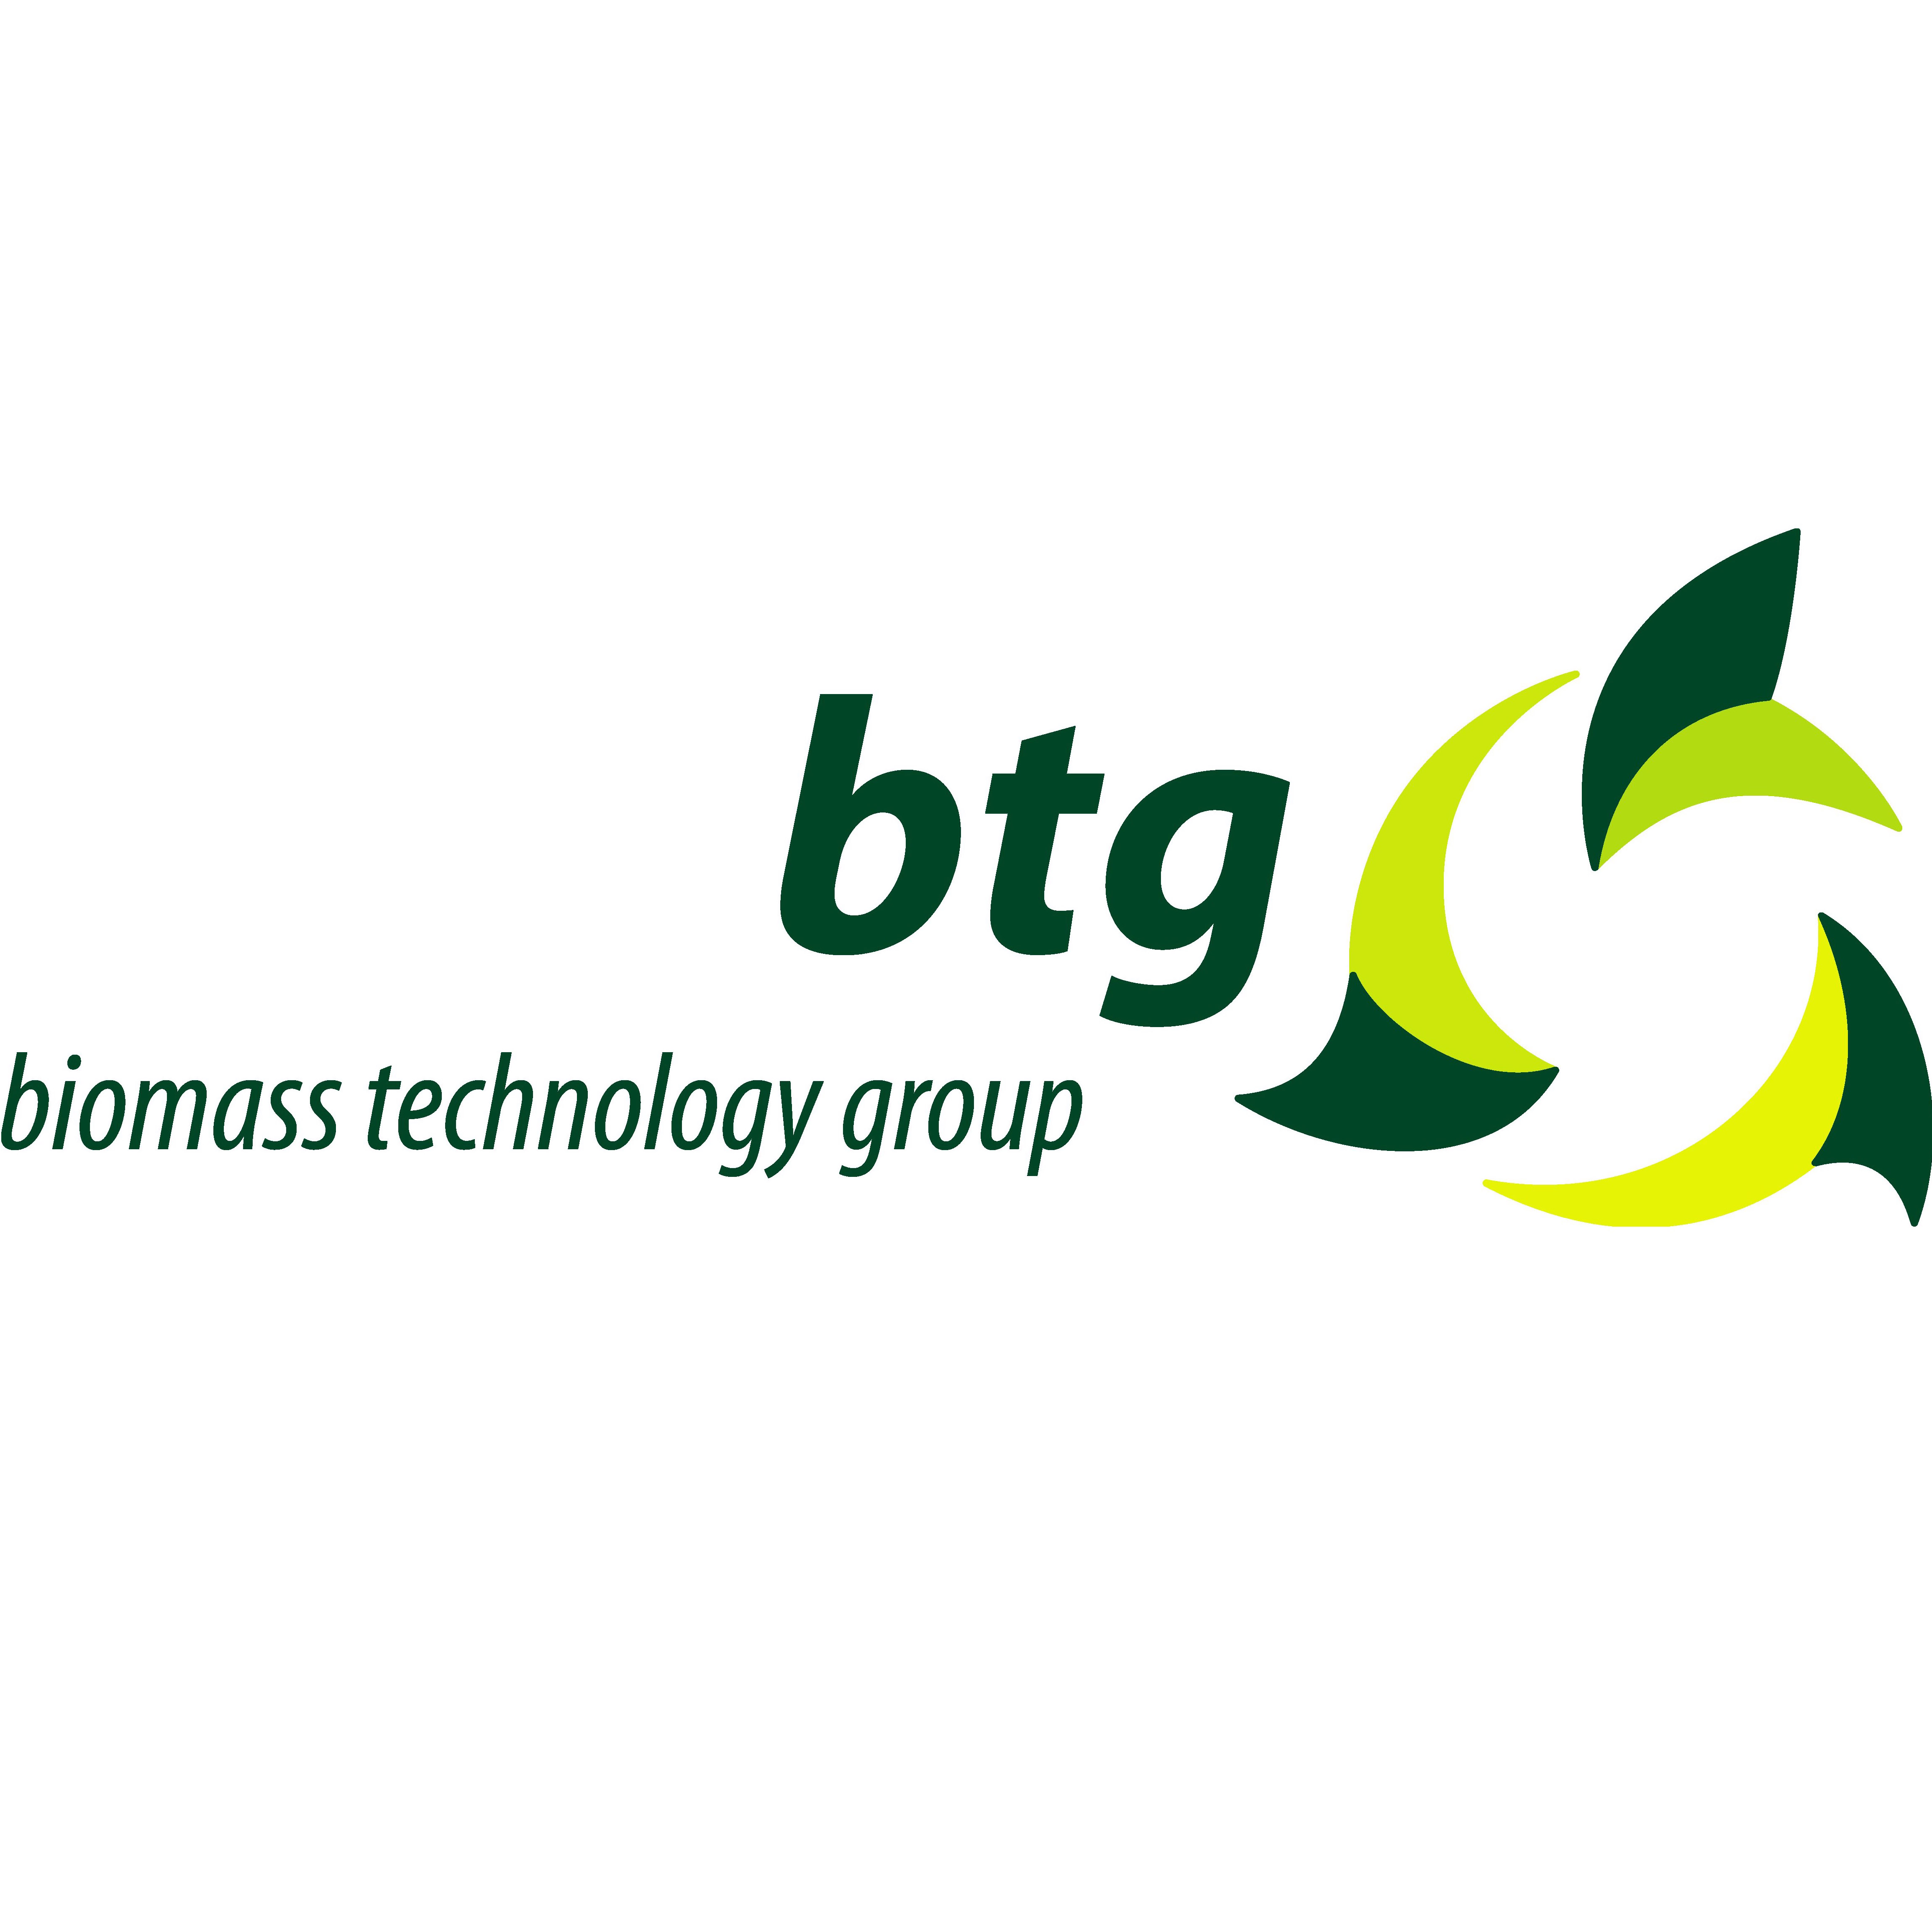 Meet the team #1: BTG